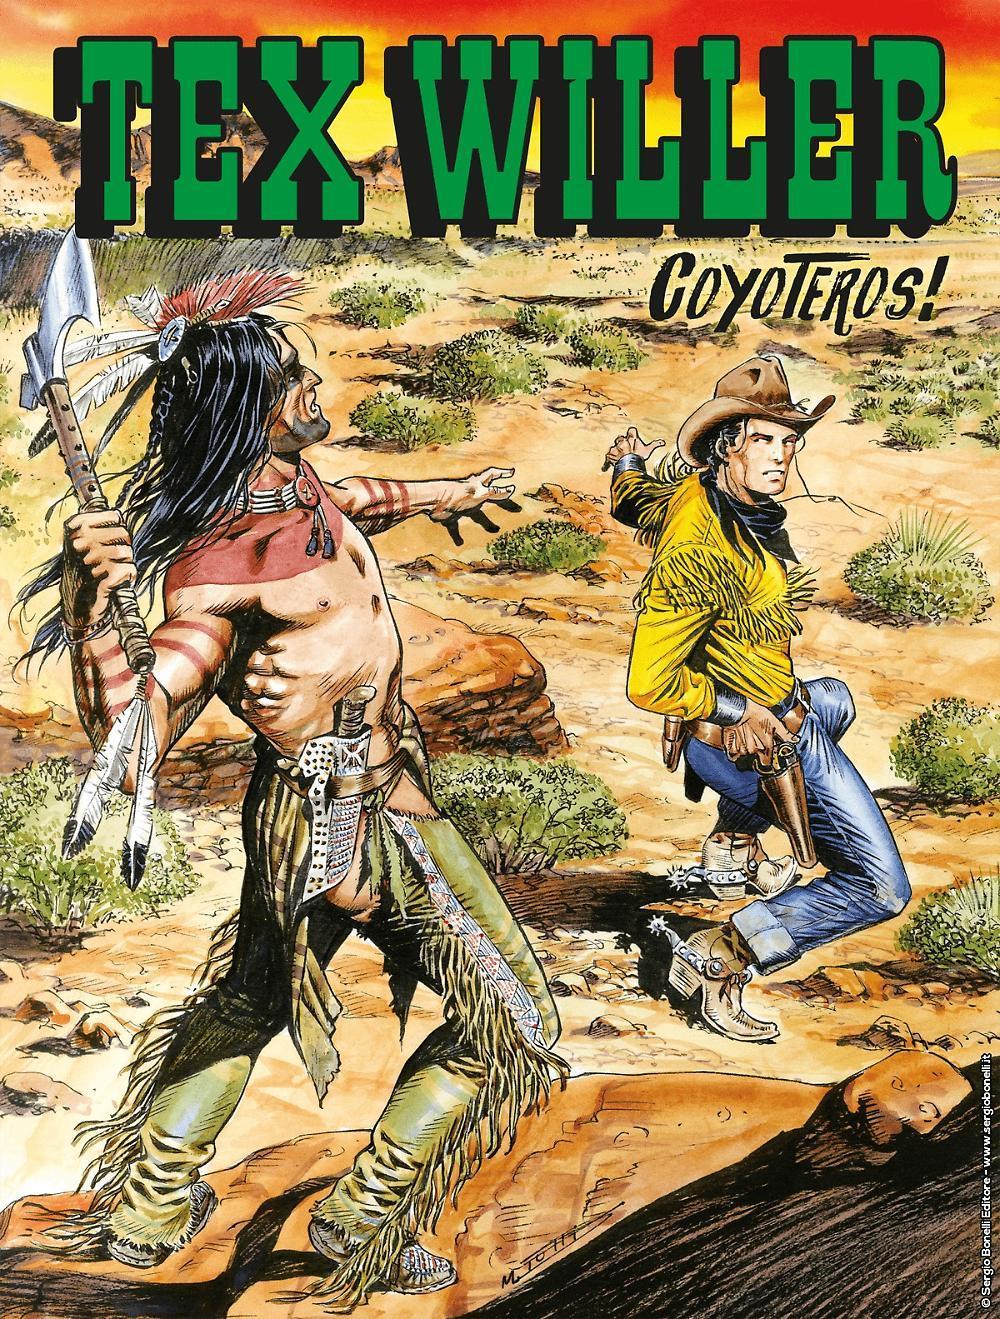 Nuova più recente nessuna tassa di vendita BONELLI EDITORE - TEX WILLER 6, Coyoteros!